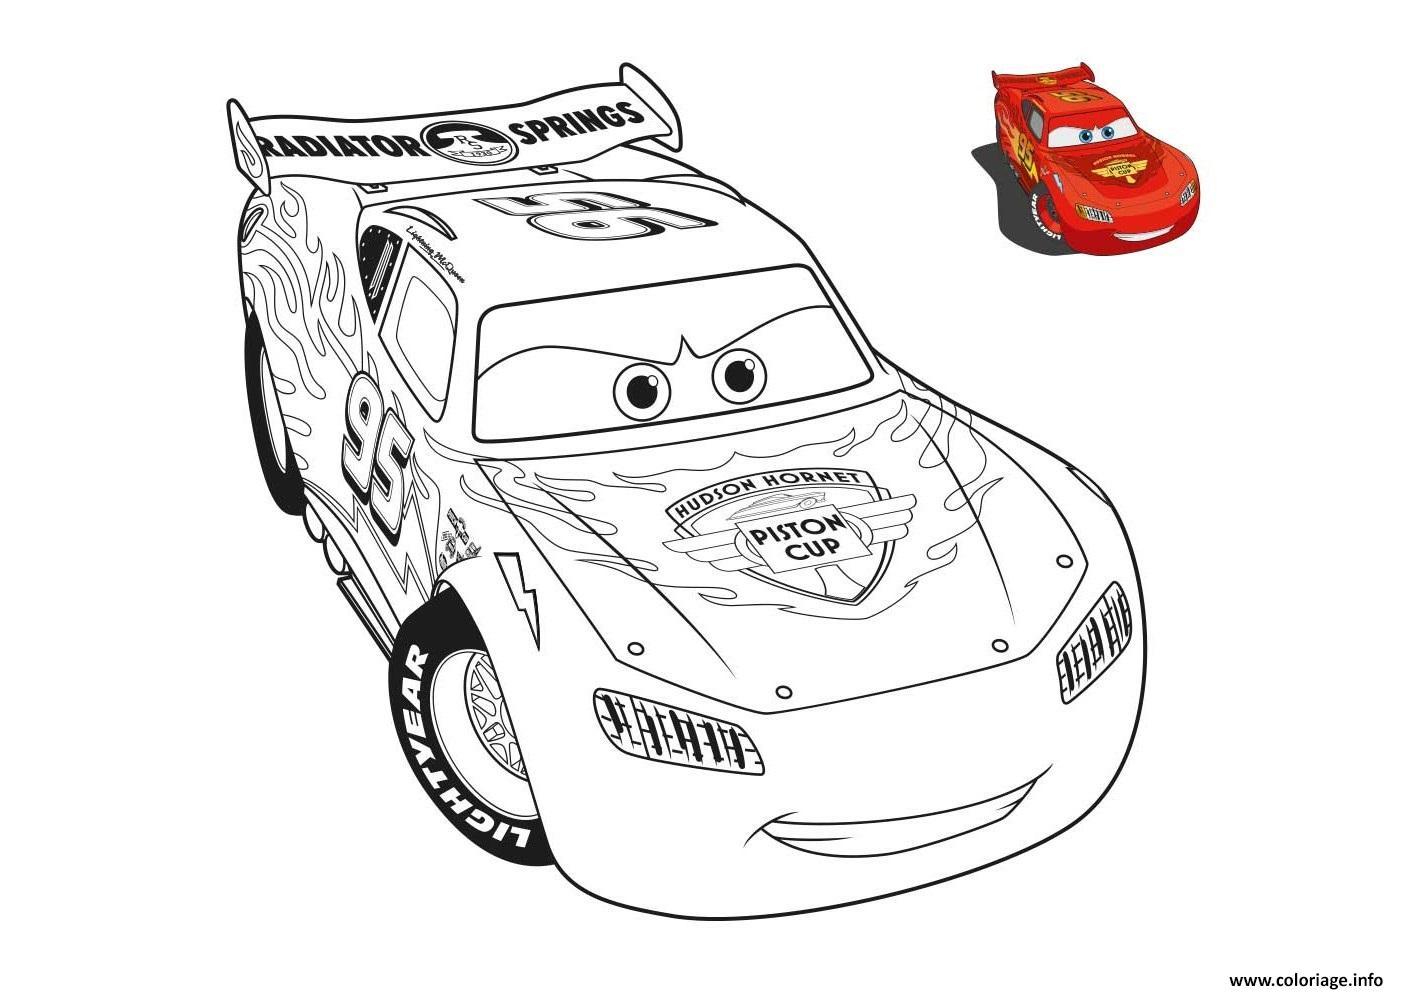 Coloriage cars 3 avec dessin a colorier dessin - Jeu gratuit cars flash mcqueen ...